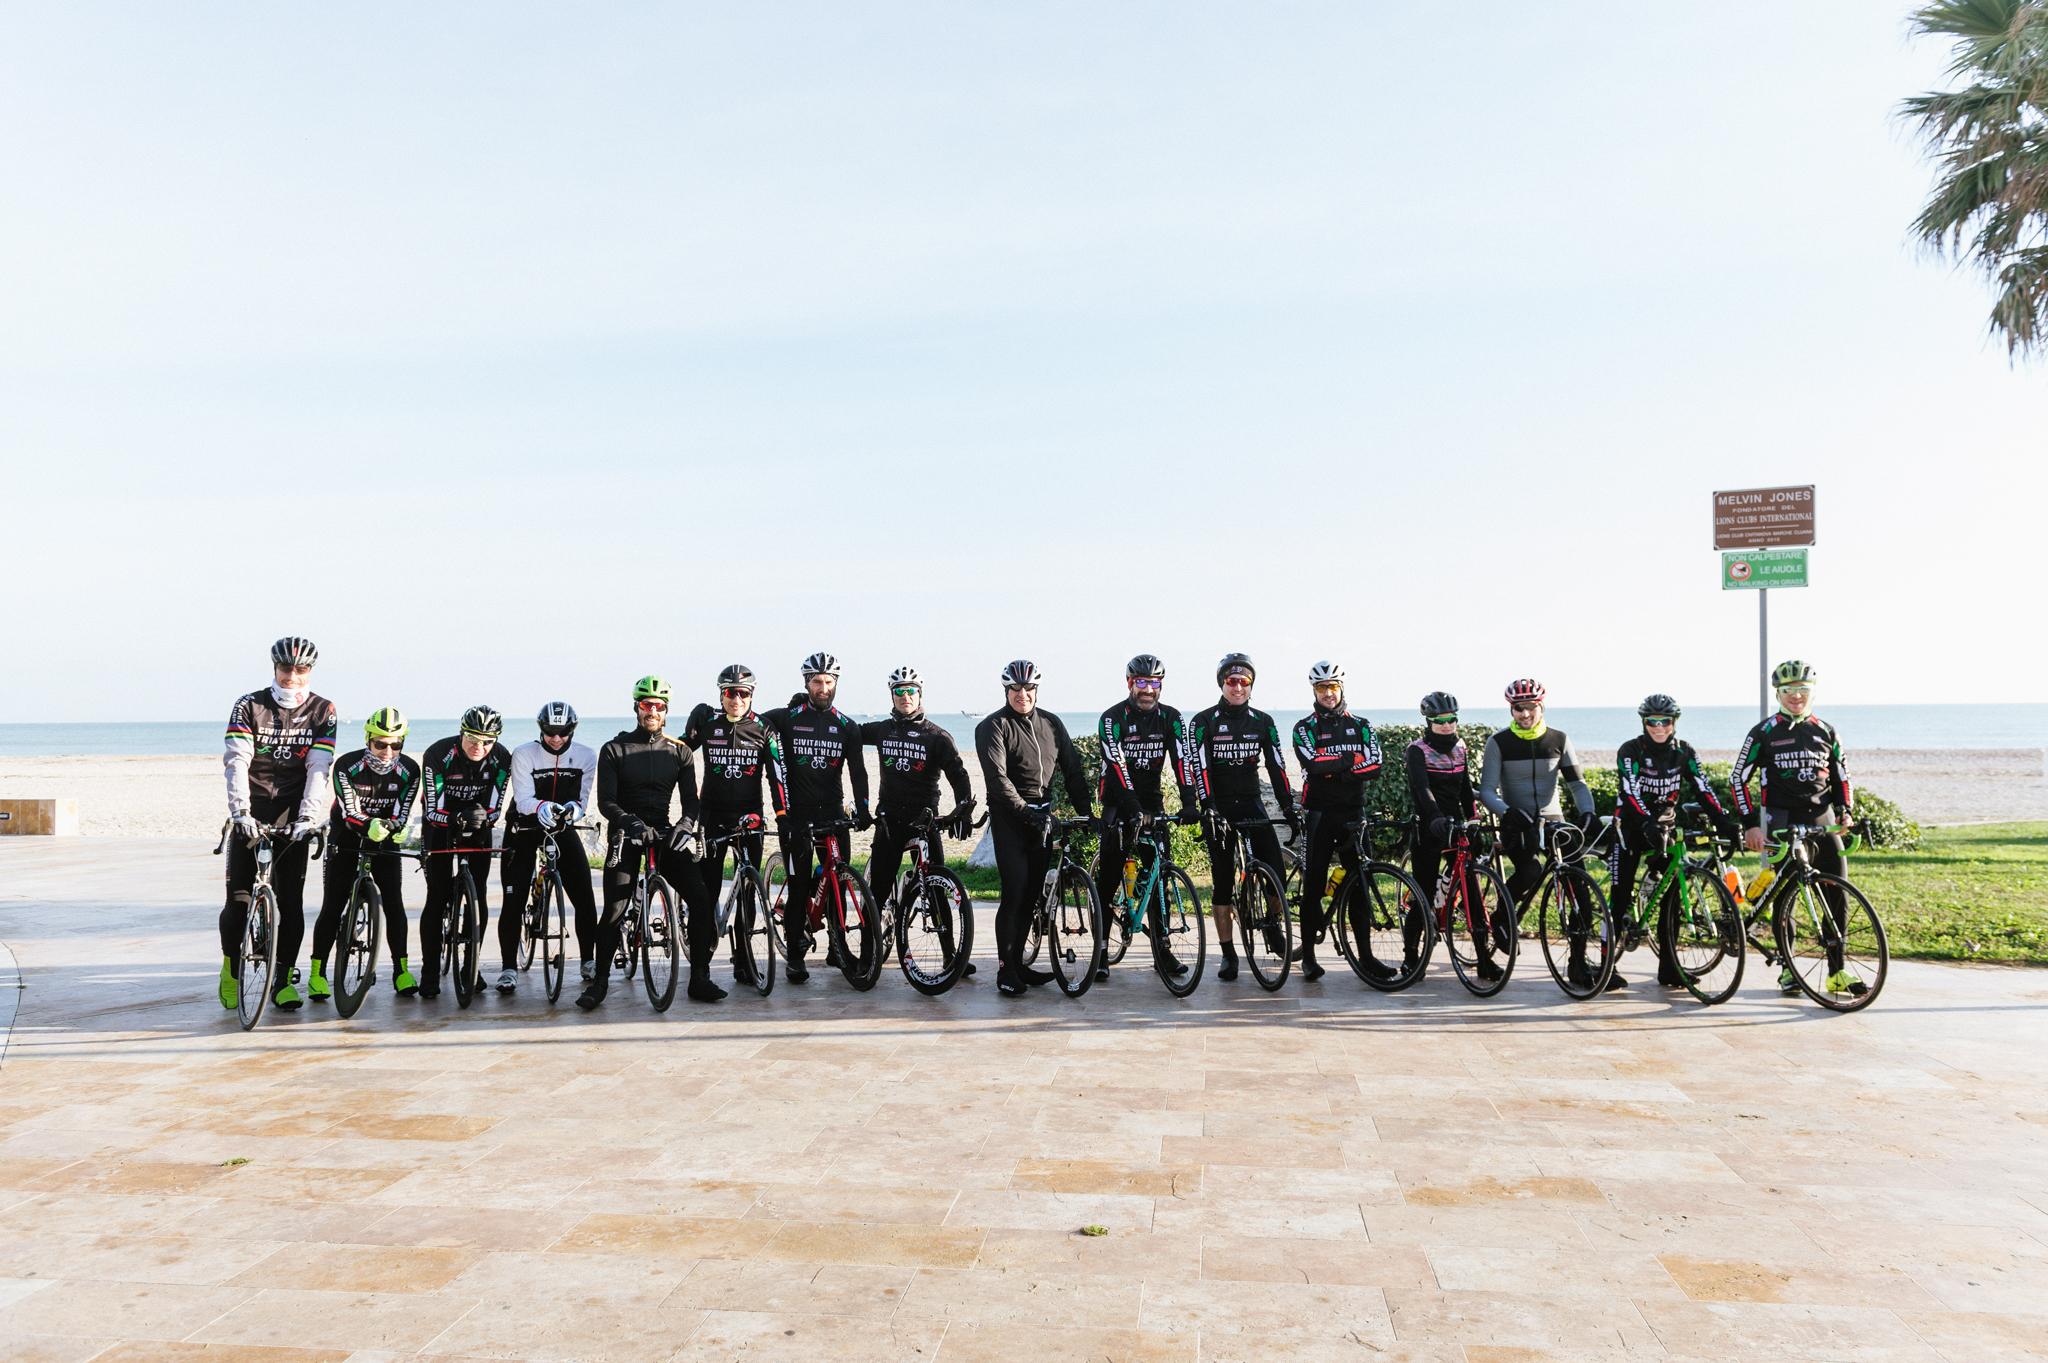 campus-civitanova-triathlon-2019.jpg